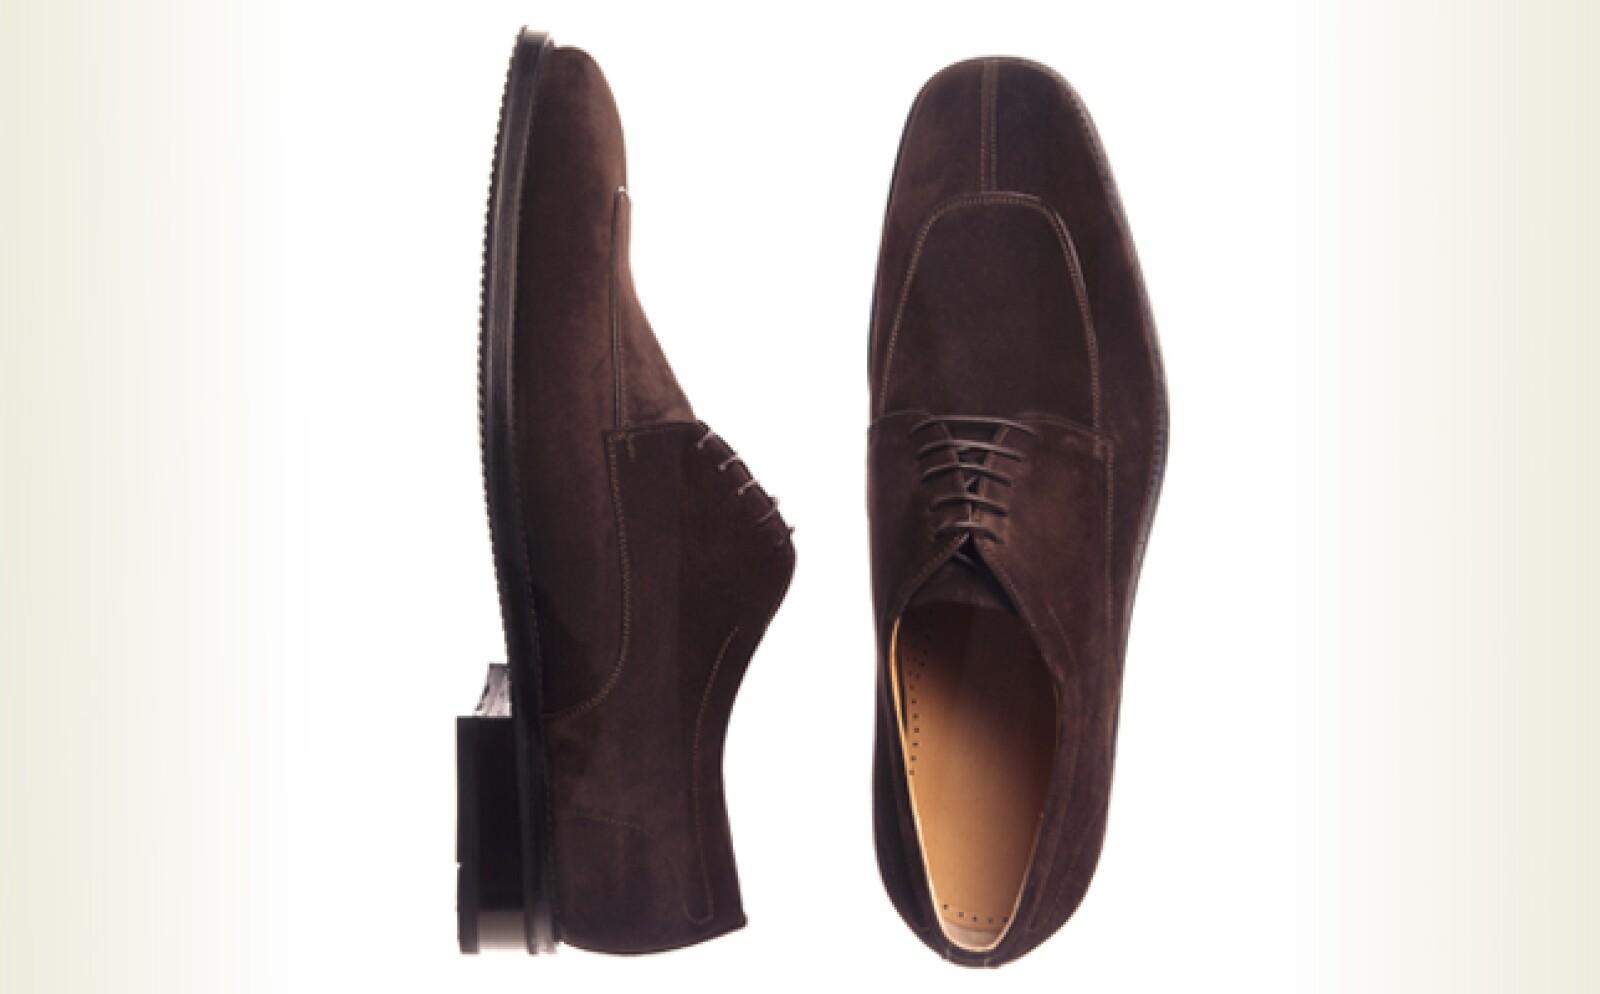 La gamuza es un material elegante pero se ensucia con facilidad por eso es importante cuidar tu calzado de manera adecuada. Para no maltratar la gamuza, sigue estos sencillos pasos.